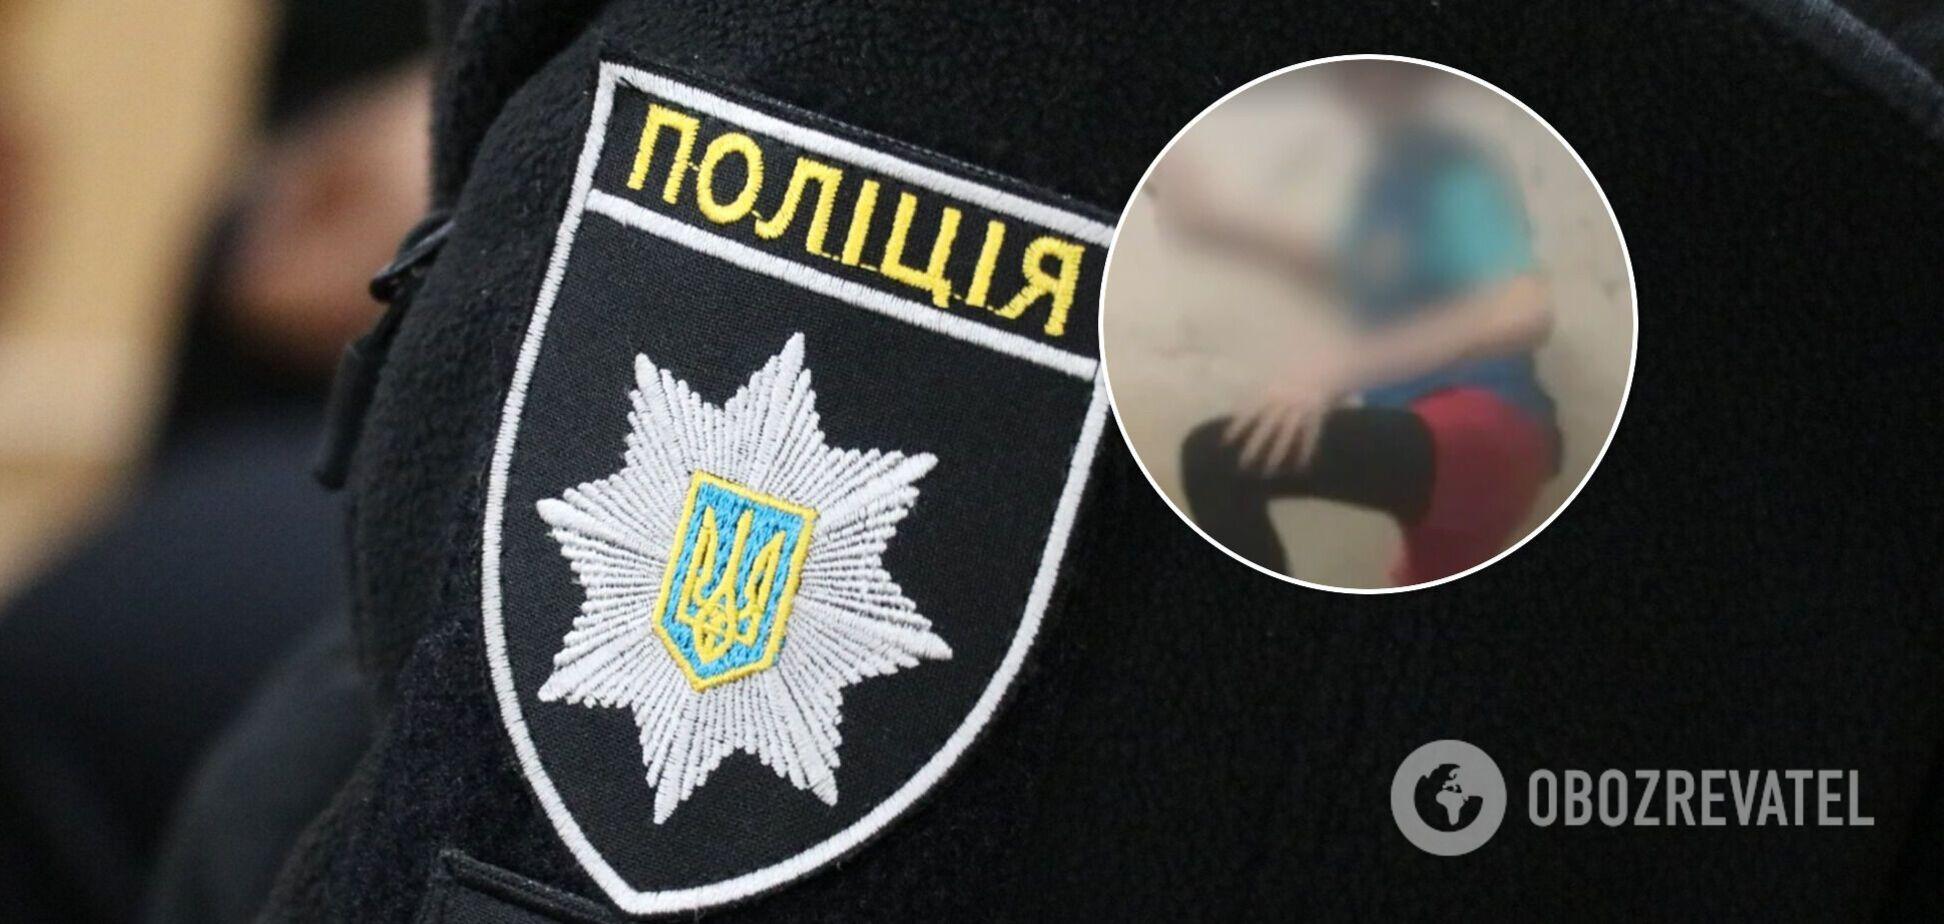 Студенты из Мелитополя издевались над сокурсником ради TikTok: за дело взялась полиция. Видео